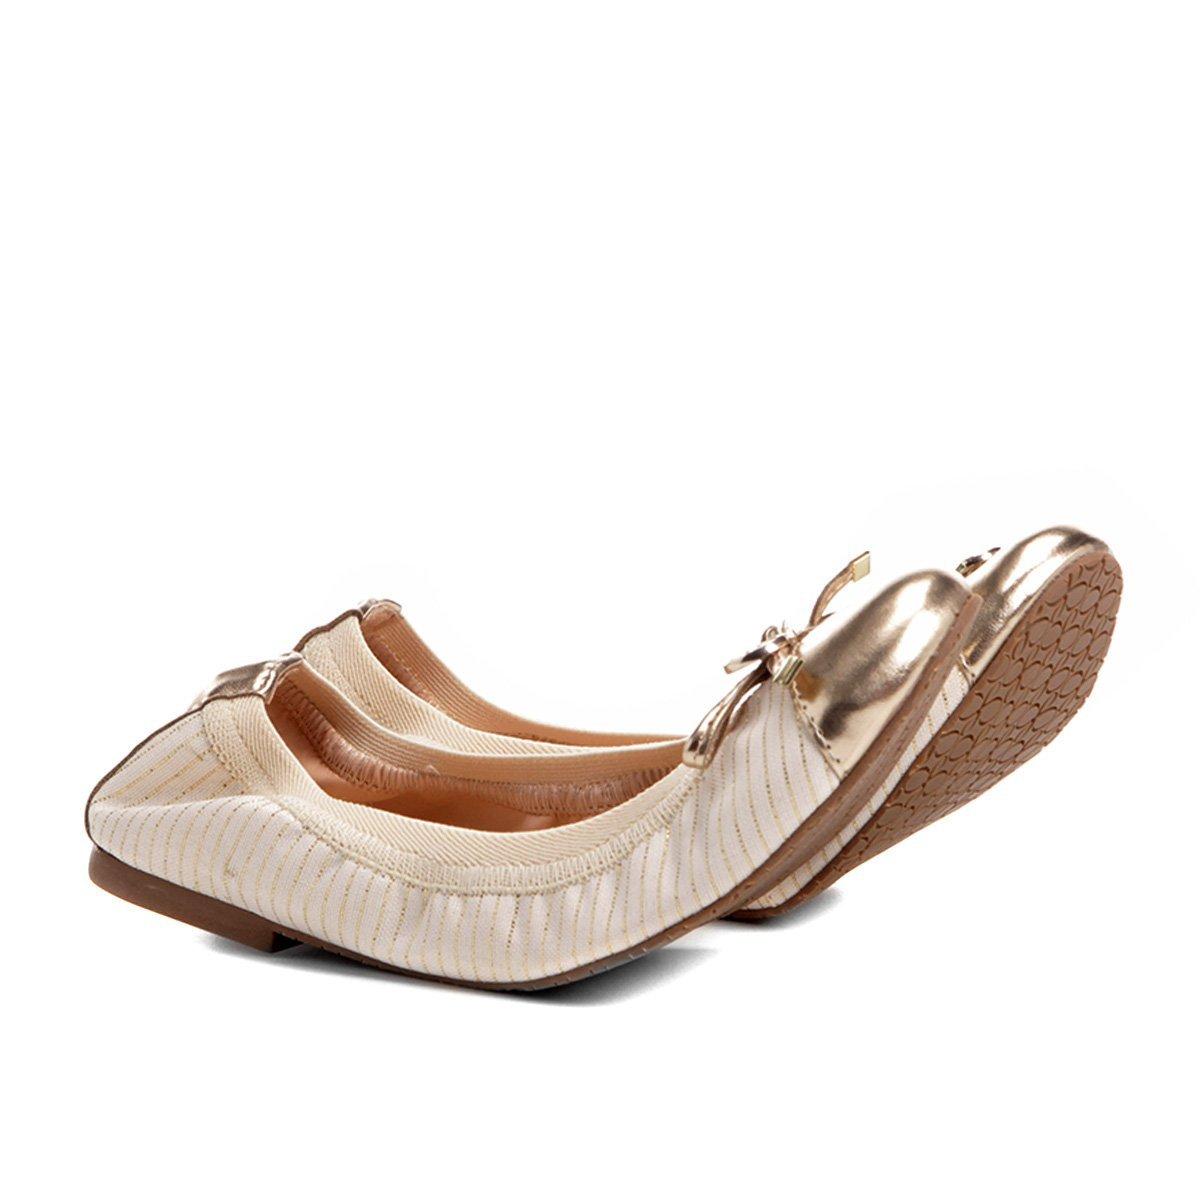 611ae1b1164 Sapatilha Shoestock Elástico Recorte Metalizado Feminina - Bege - Compre  Agora